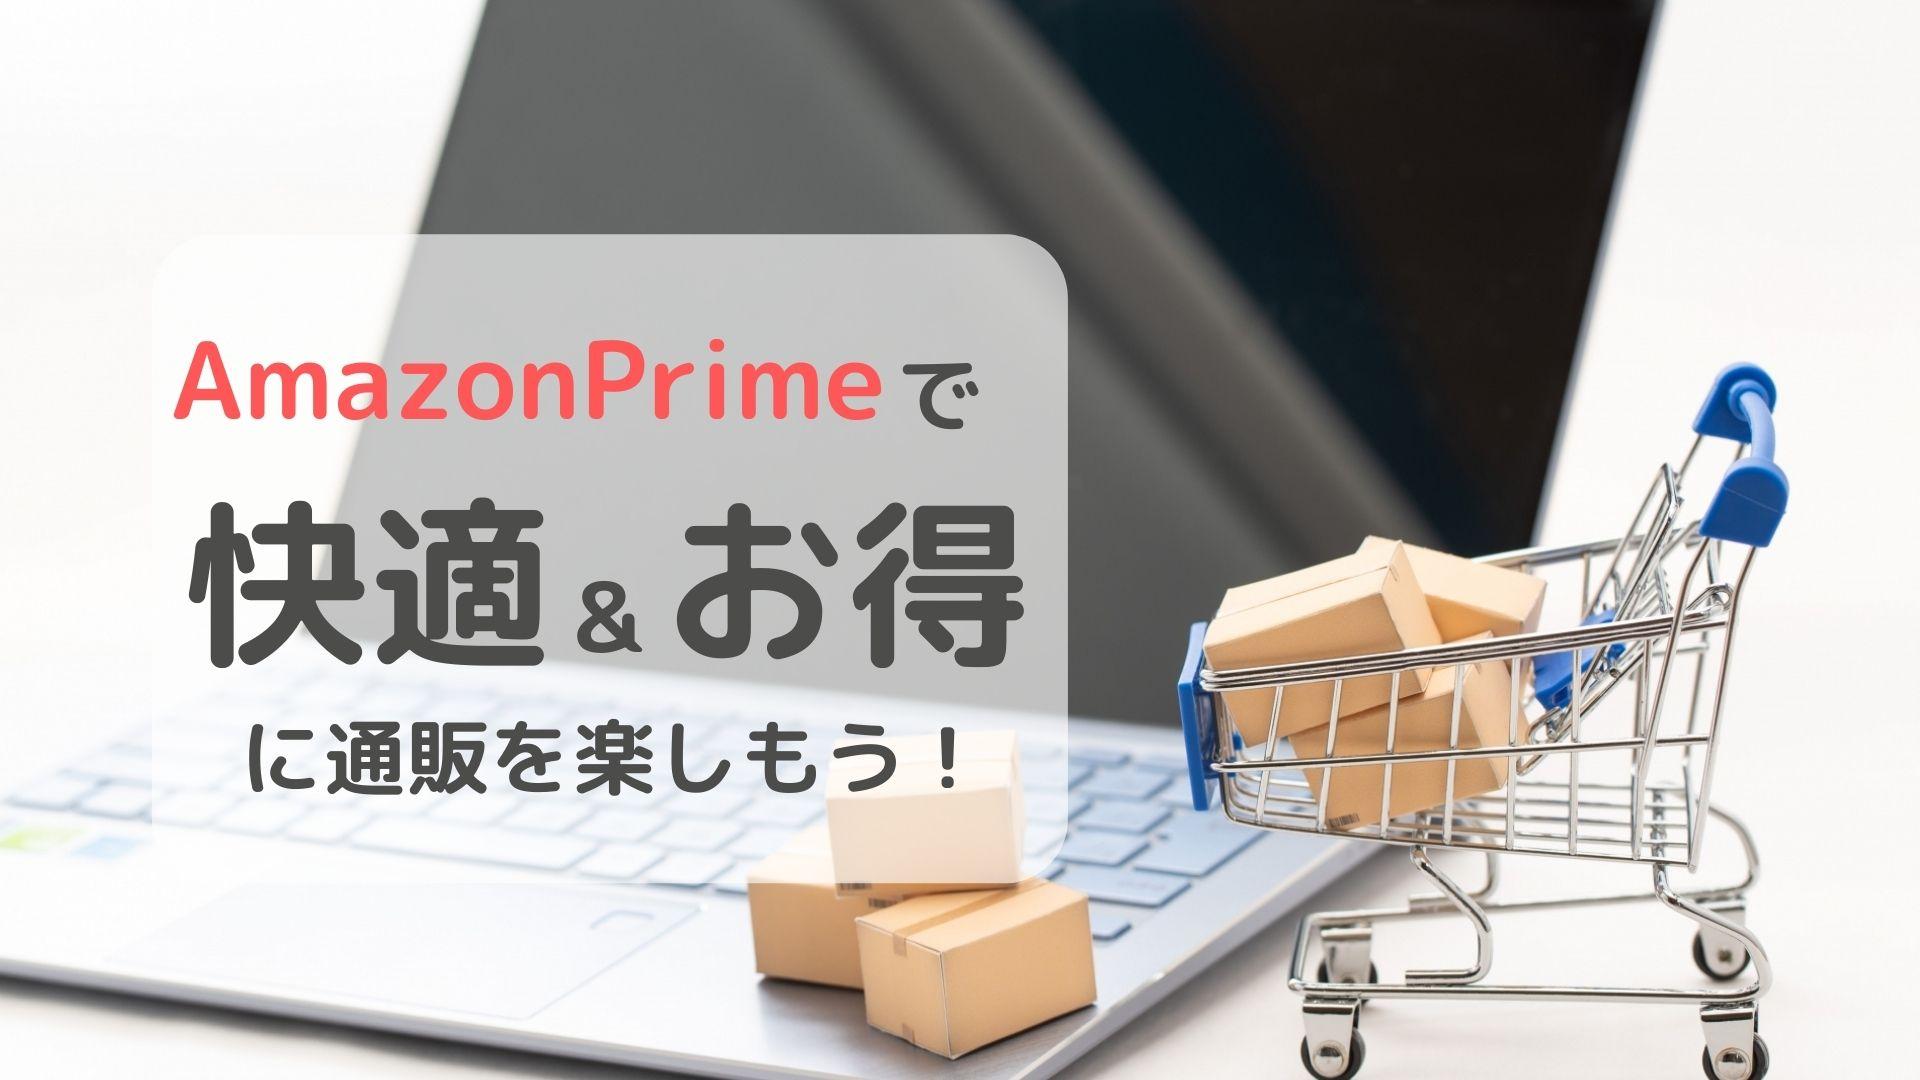 AmazonPrimeで快適&お得に通販を楽しもう